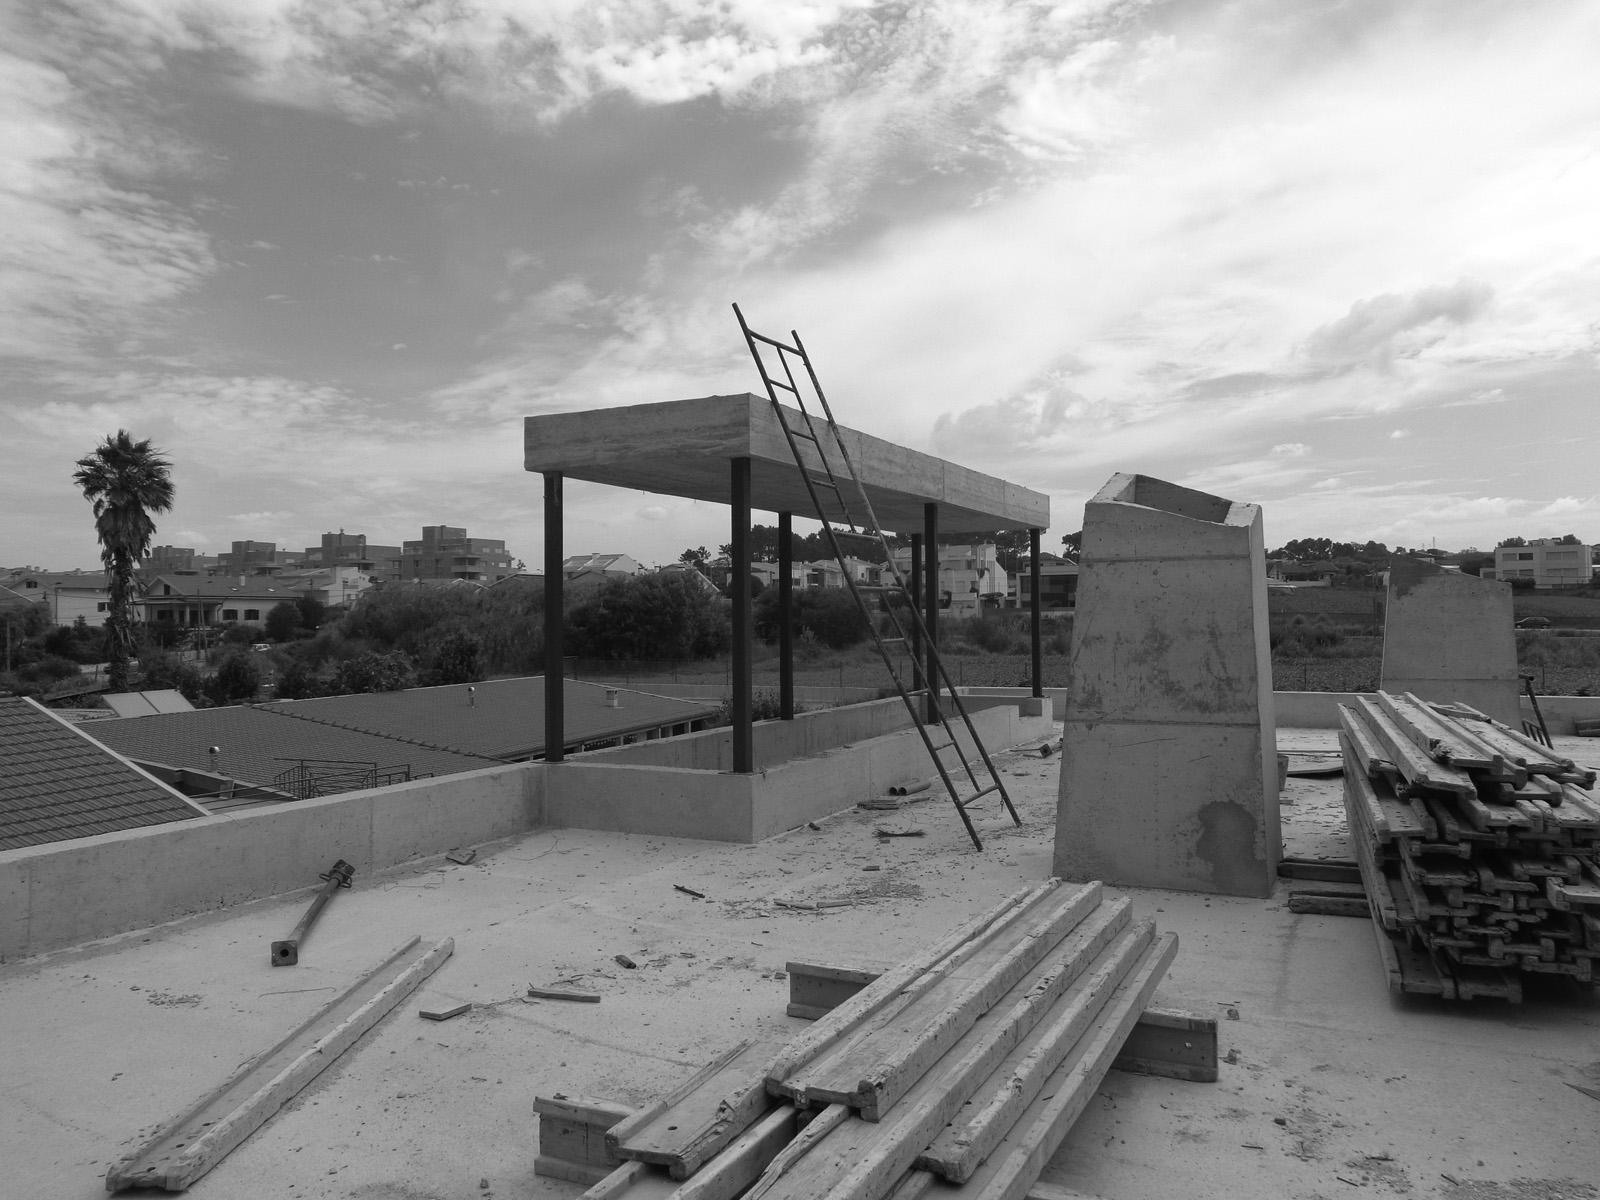 Moradia Alfazema - EVA evolutionary architecture - vila nova de gaia - arquitecto - porto (27).jpg